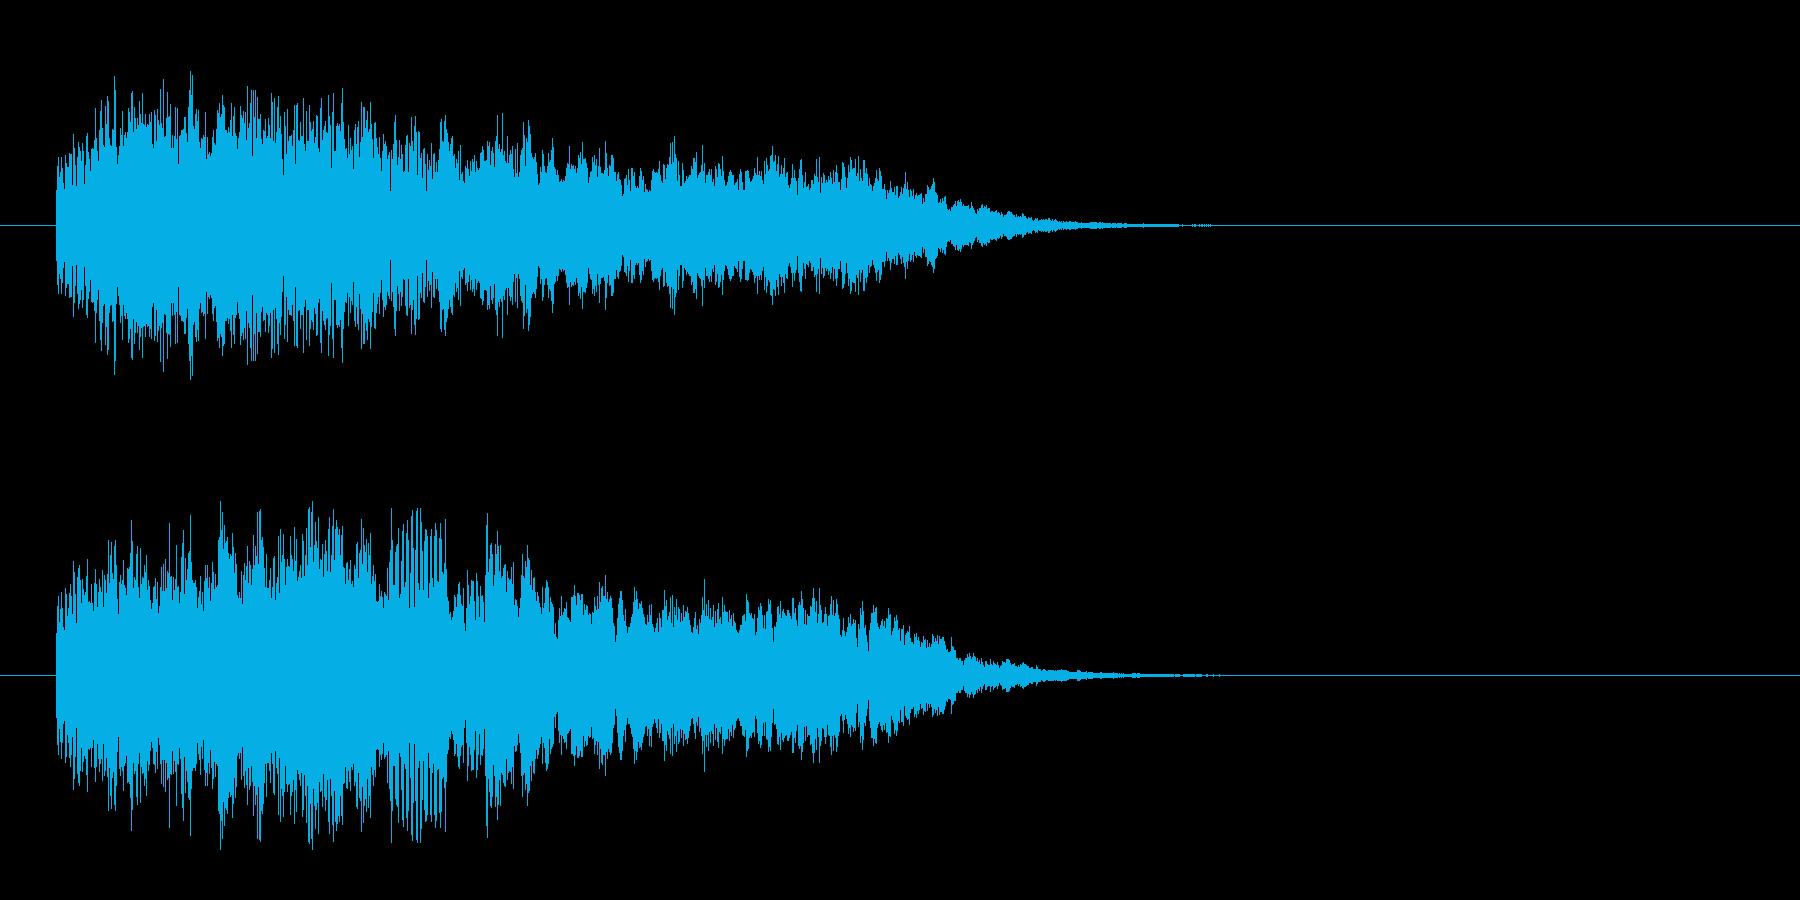 神秘的なネイチャーアンビエント風ジングルの再生済みの波形